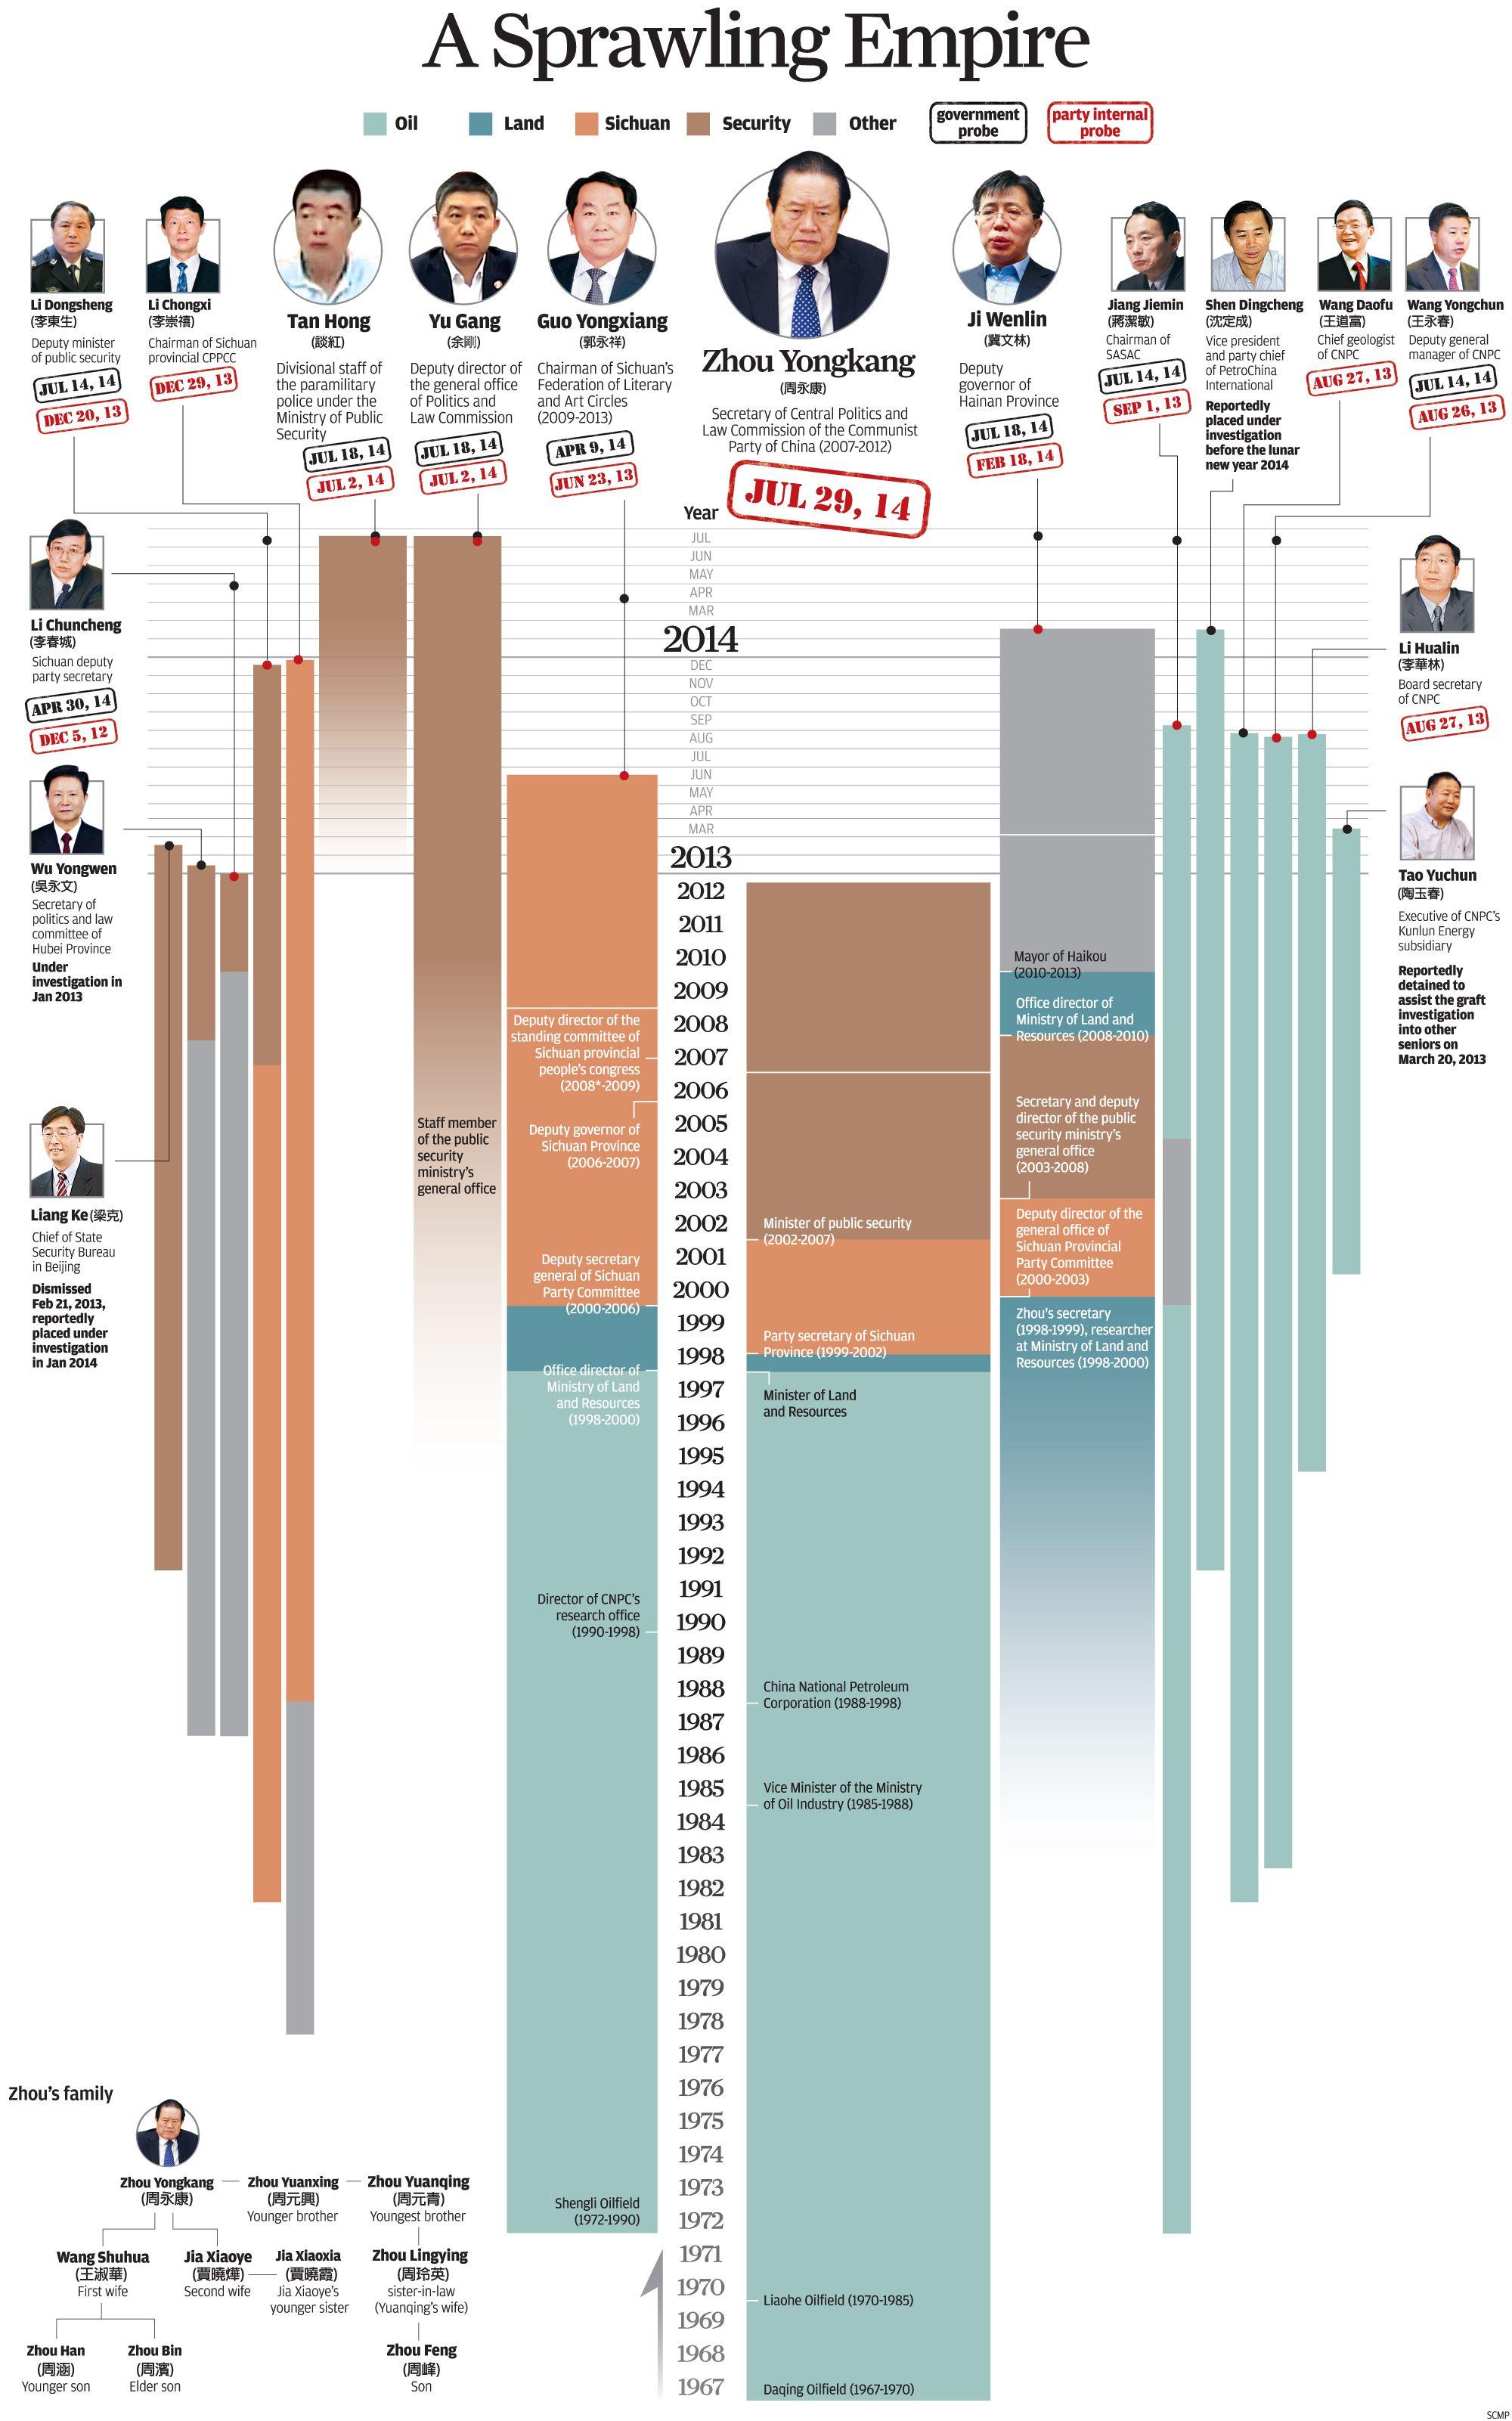 Zhou Graphic 0730 Jpg 2000 3202 Infographic Zhou Yongkang